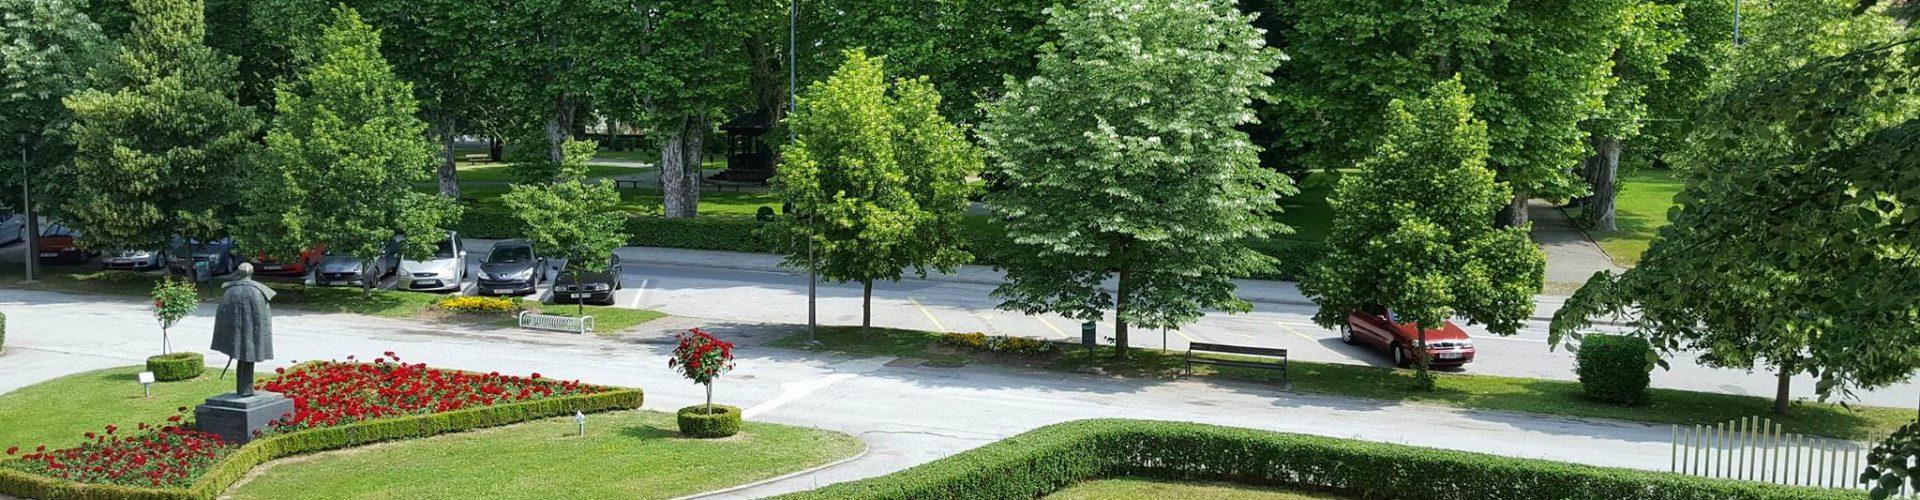 Potpisan ugovor za obnovu glinskog parka u vrijednosti 6.4 milijuna kuna